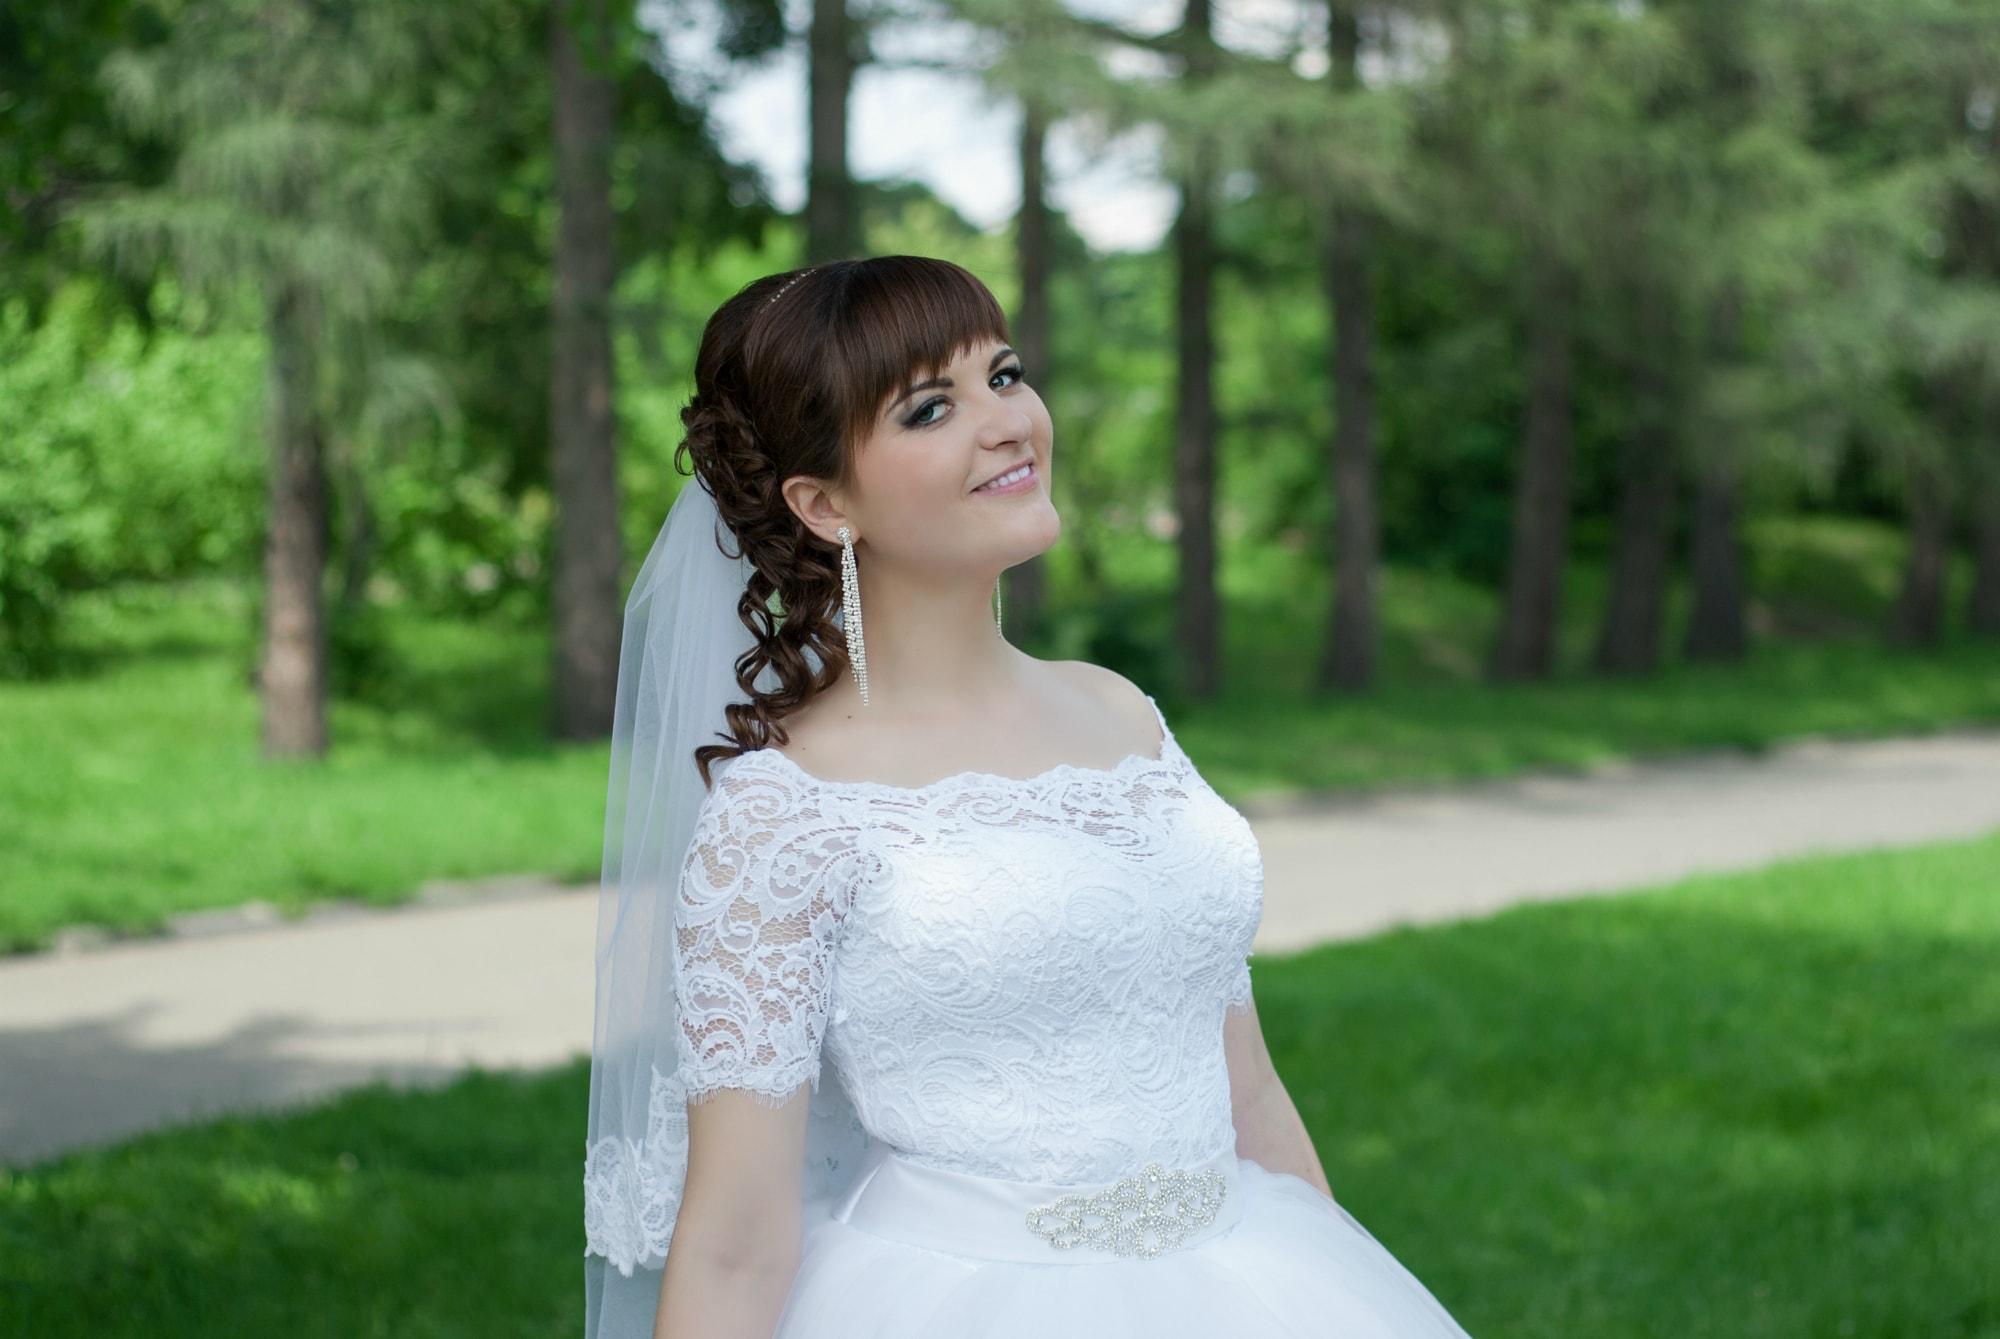 Очаровательная невеста - Фотограф Киев - Женя Лайт